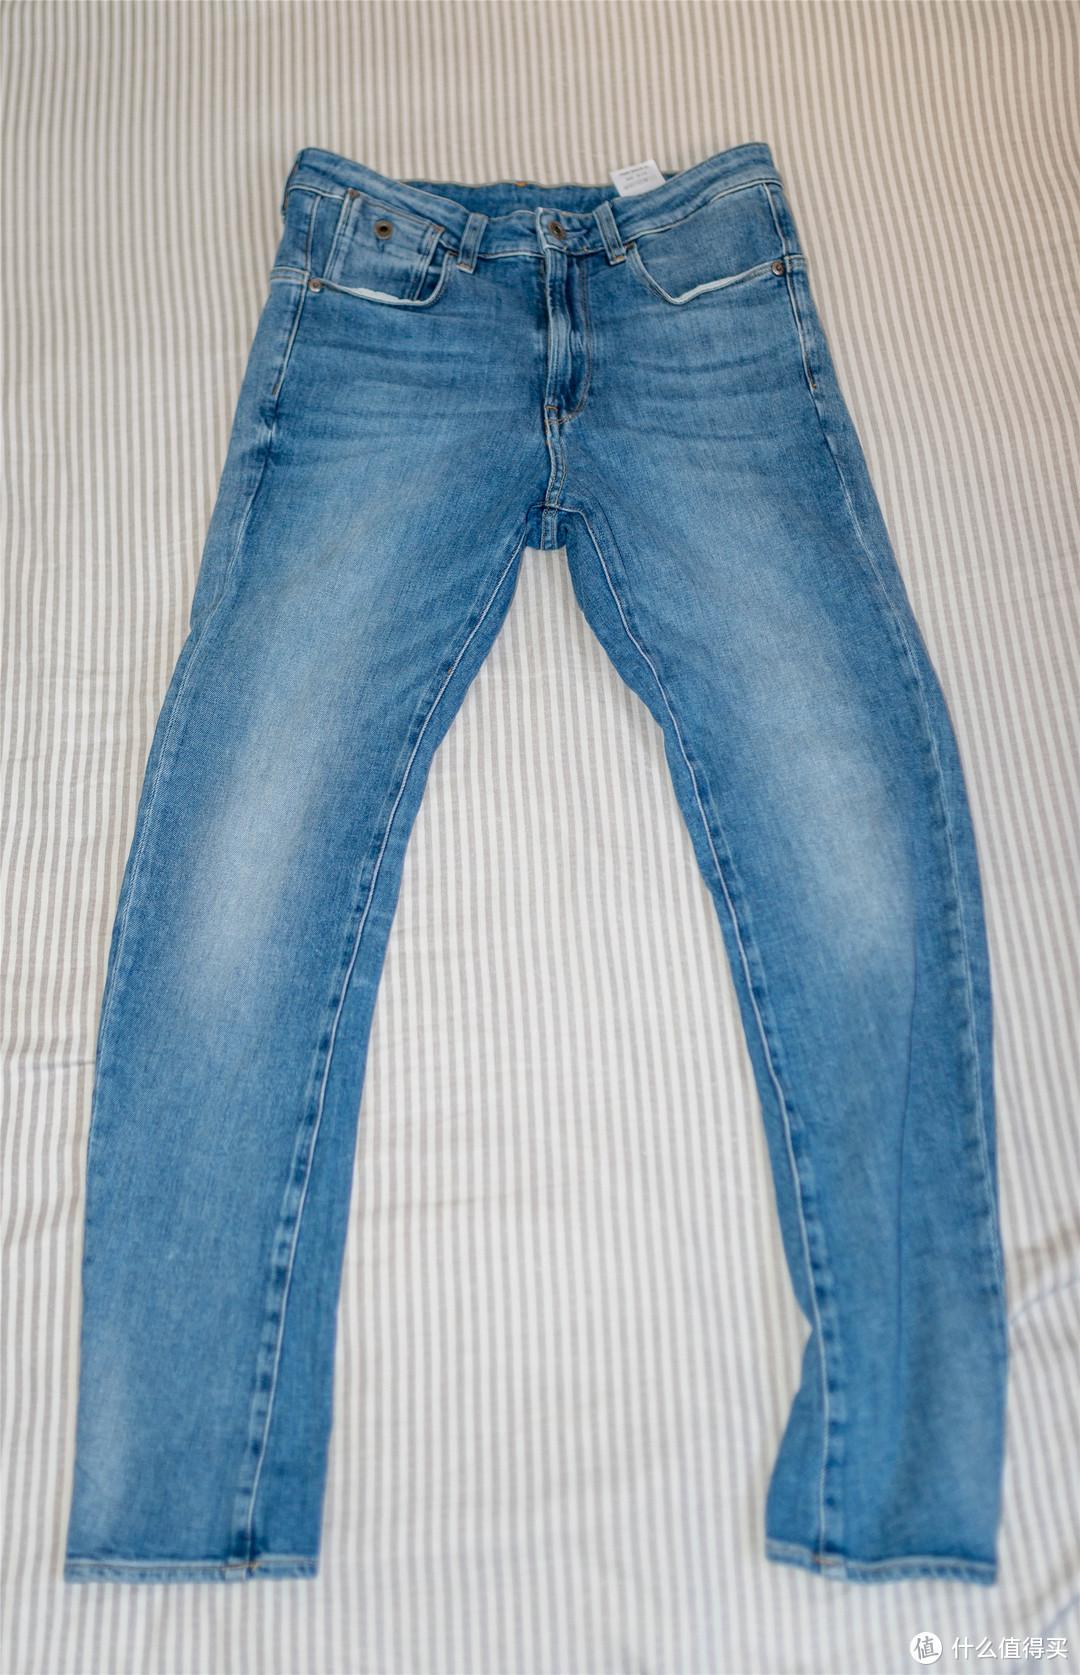 因为我的拍摄角度问题,裤型有变形。您就大概看个样子?